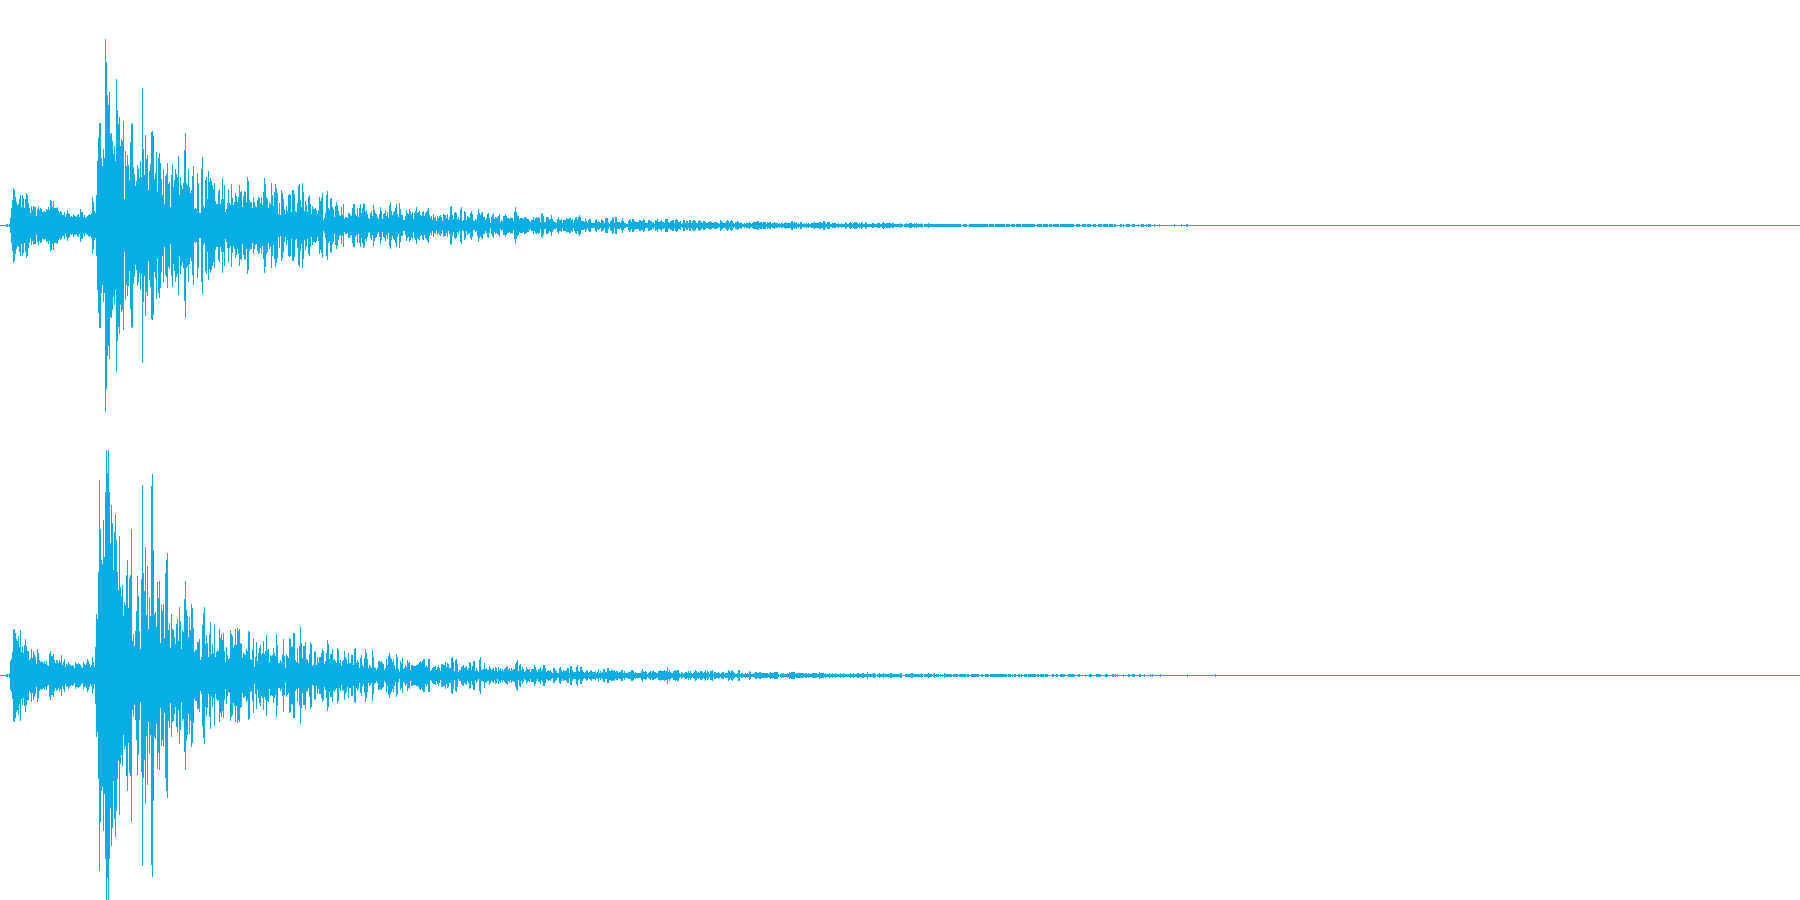 鉄製の扉が閉じる音-1の再生済みの波形